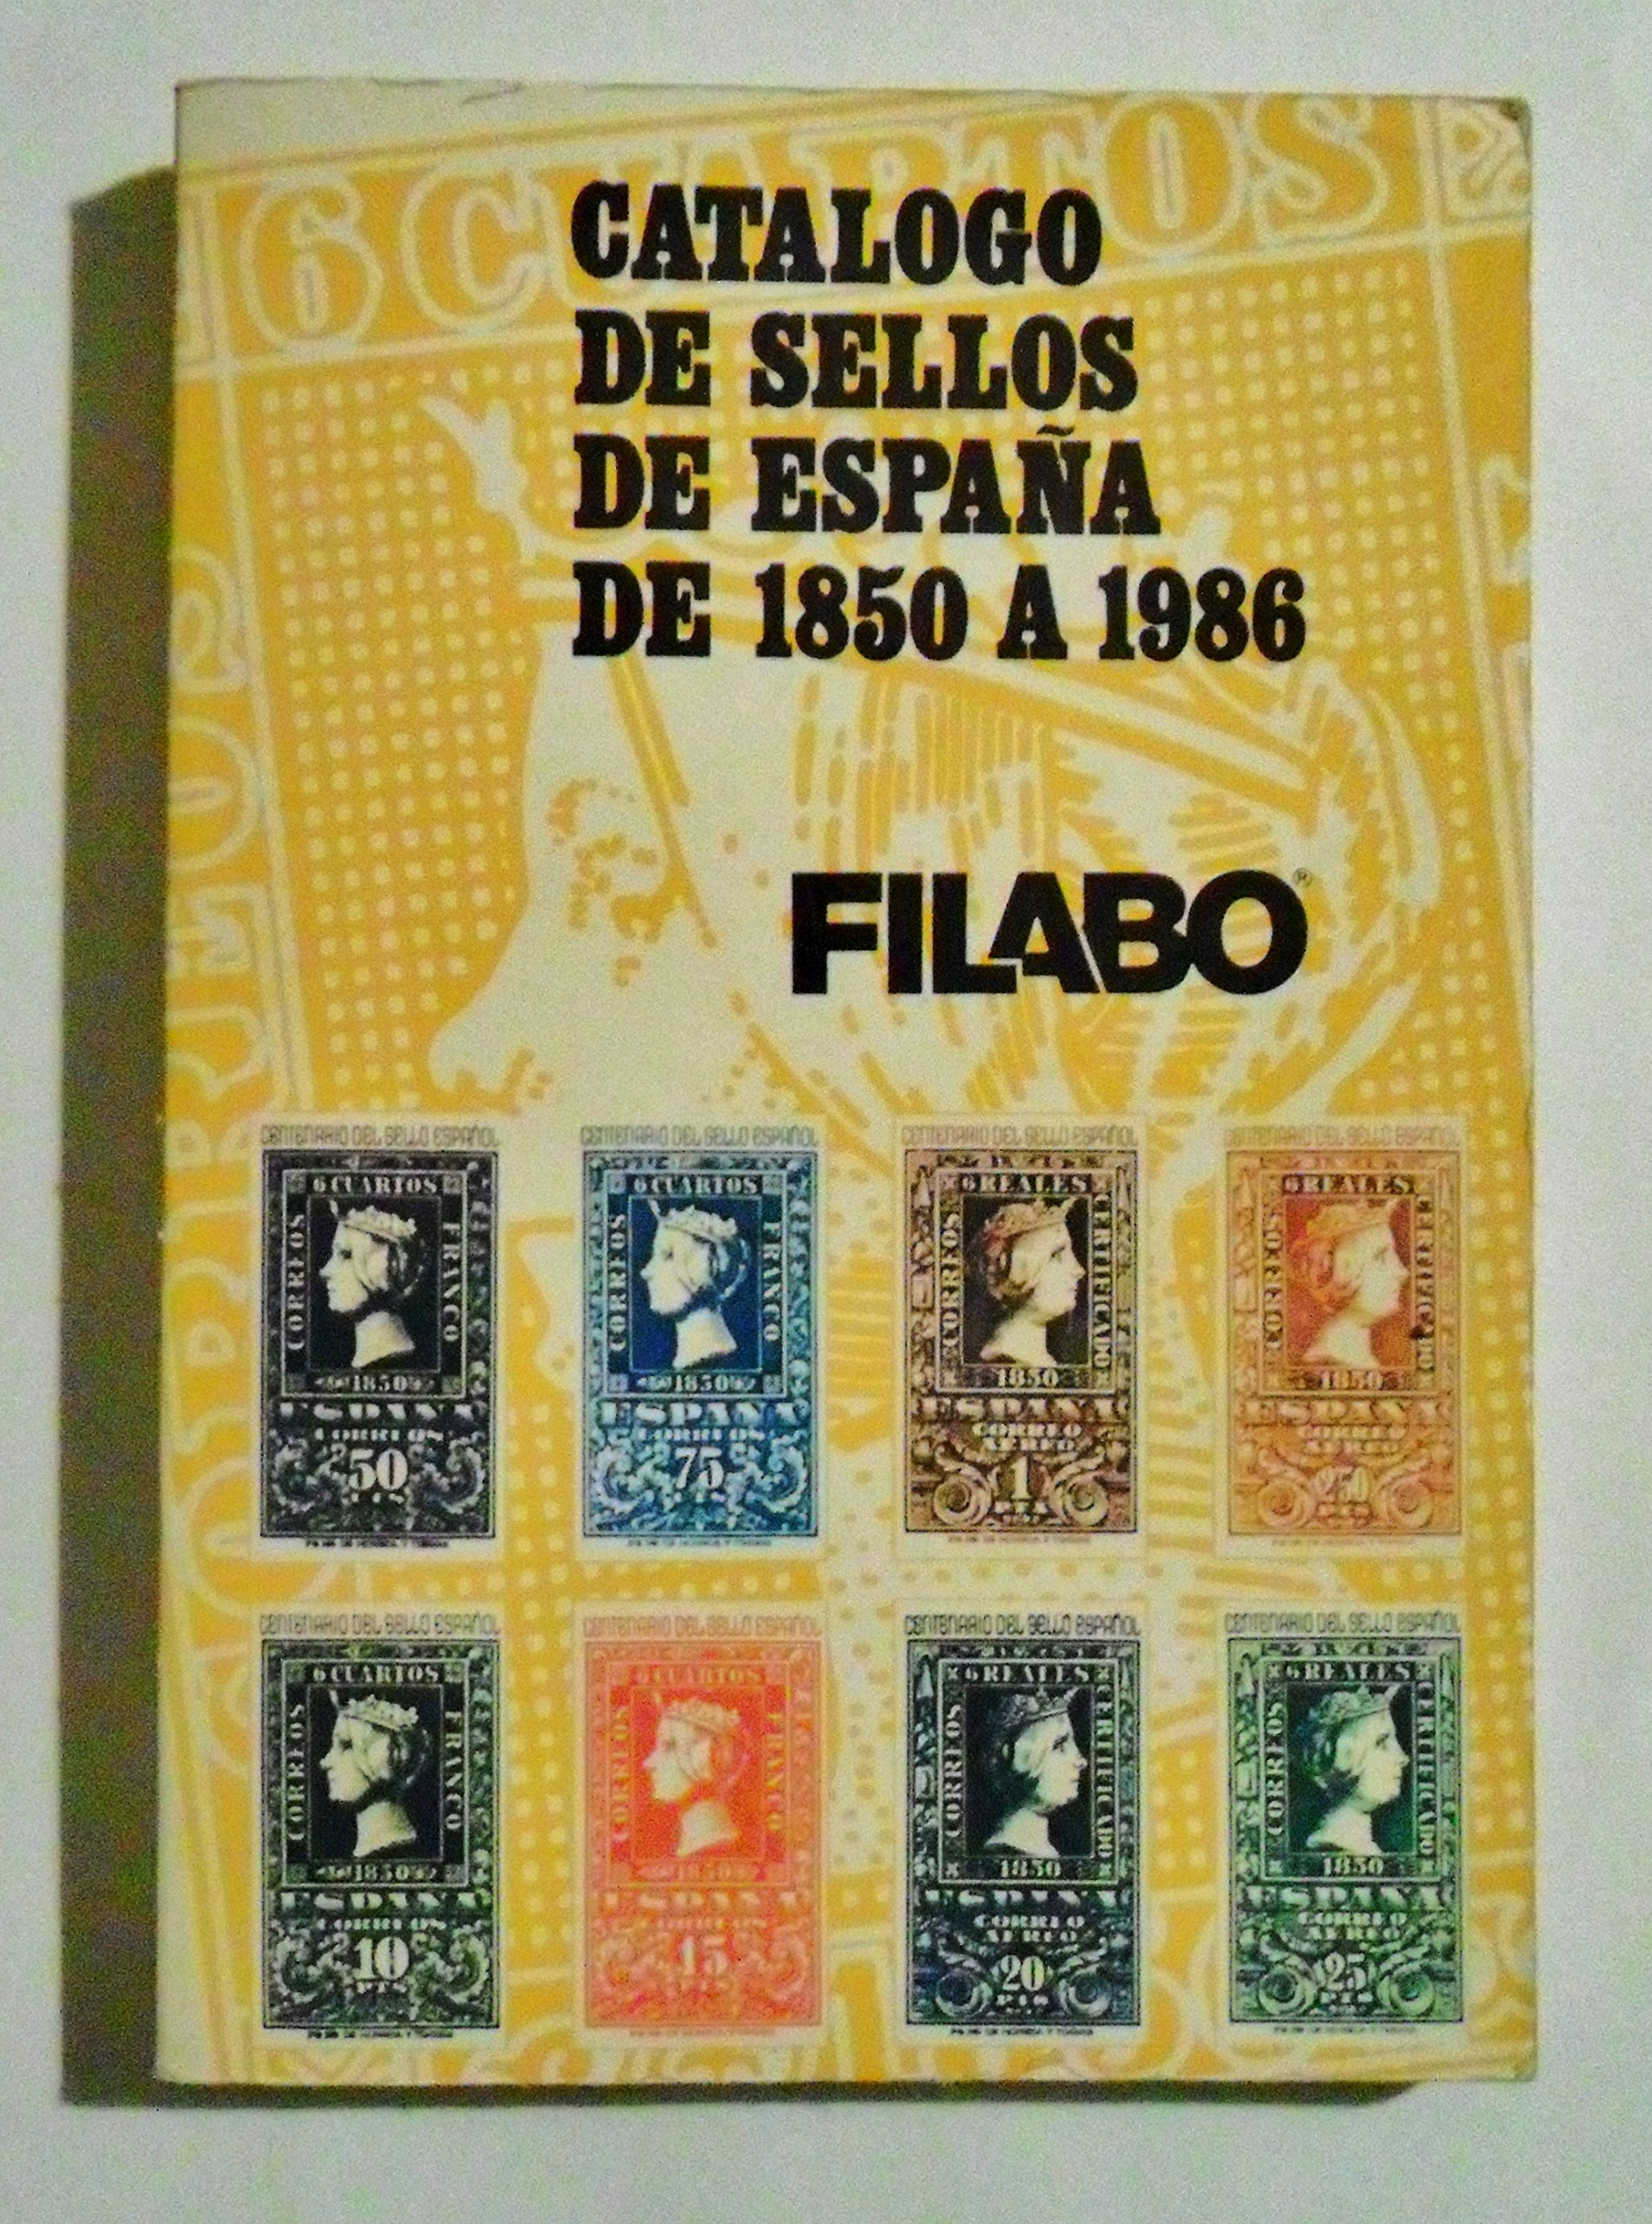 FILABO / CATALOGO DE SELLOS DE ESPAÑA DE 1850 A 1986.: Amazon.es ...